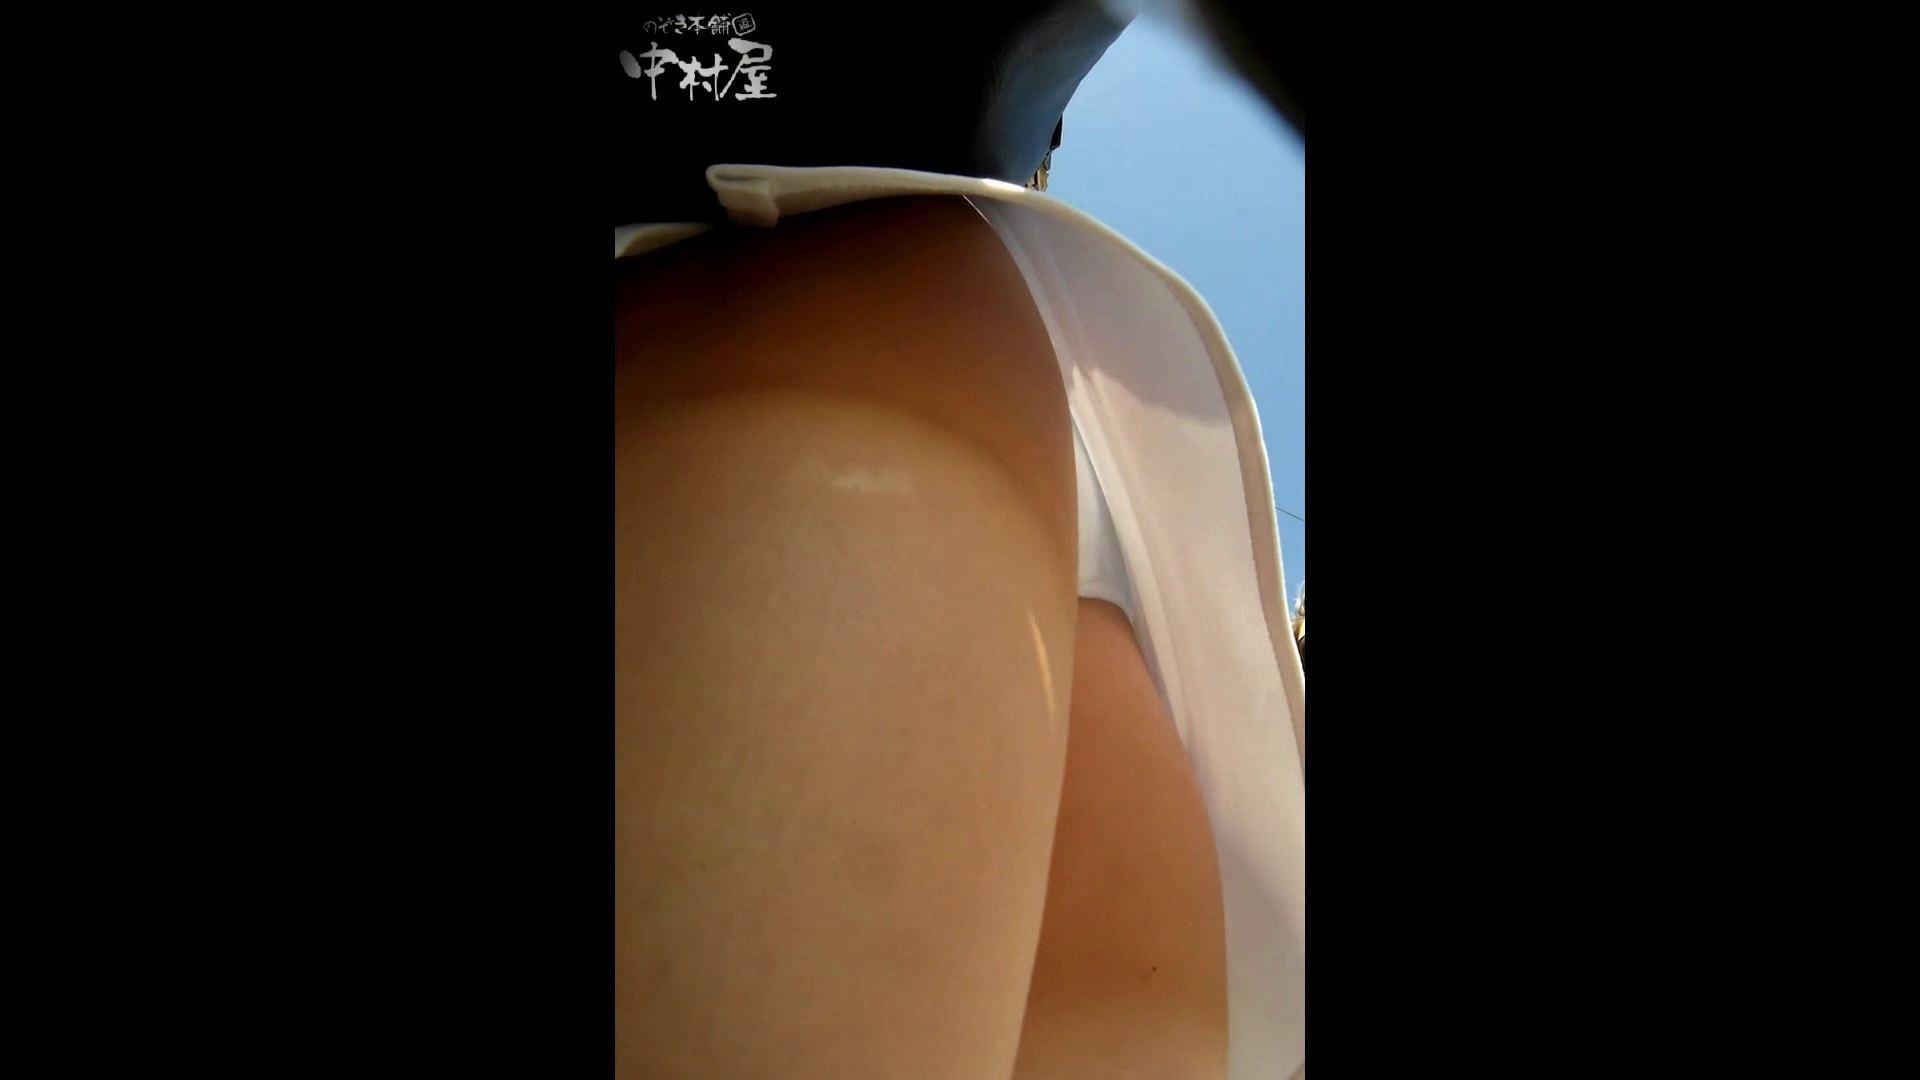 綺麗なモデルさんのスカート捲っちゃおう‼ vol21 エロいお姉さん | 0  11枚 1